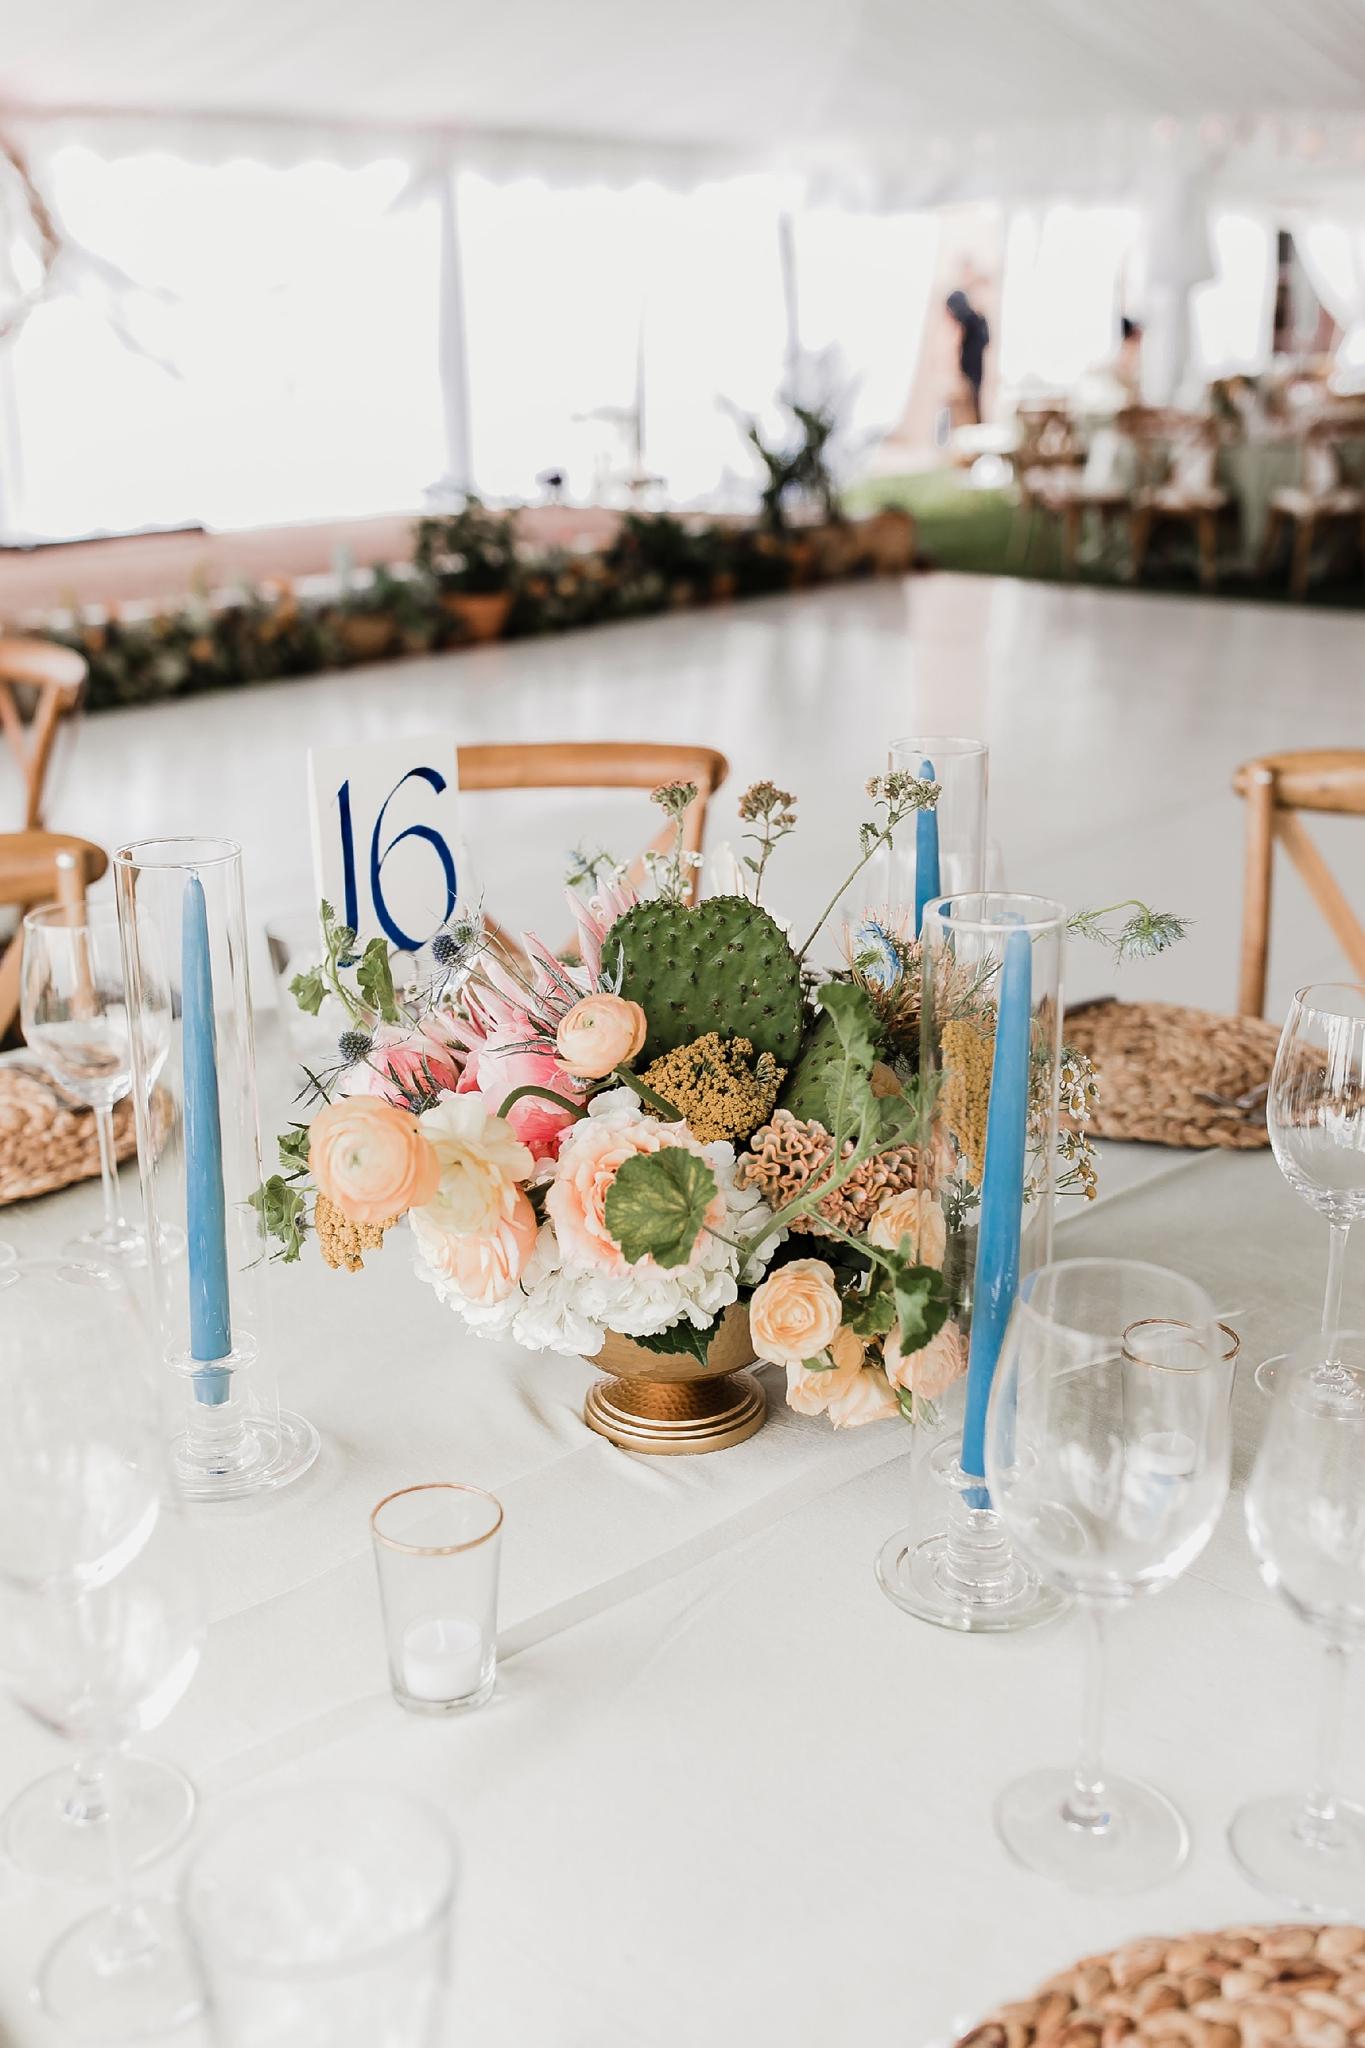 Alicia+lucia+photography+-+albuquerque+wedding+photographer+-+santa+fe+wedding+photography+-+new+mexico+wedding+photographer+-+new+mexico+wedding+-+summer+wedding+-+summer+wedding+florals+-+southwest+wedding_0084.jpg